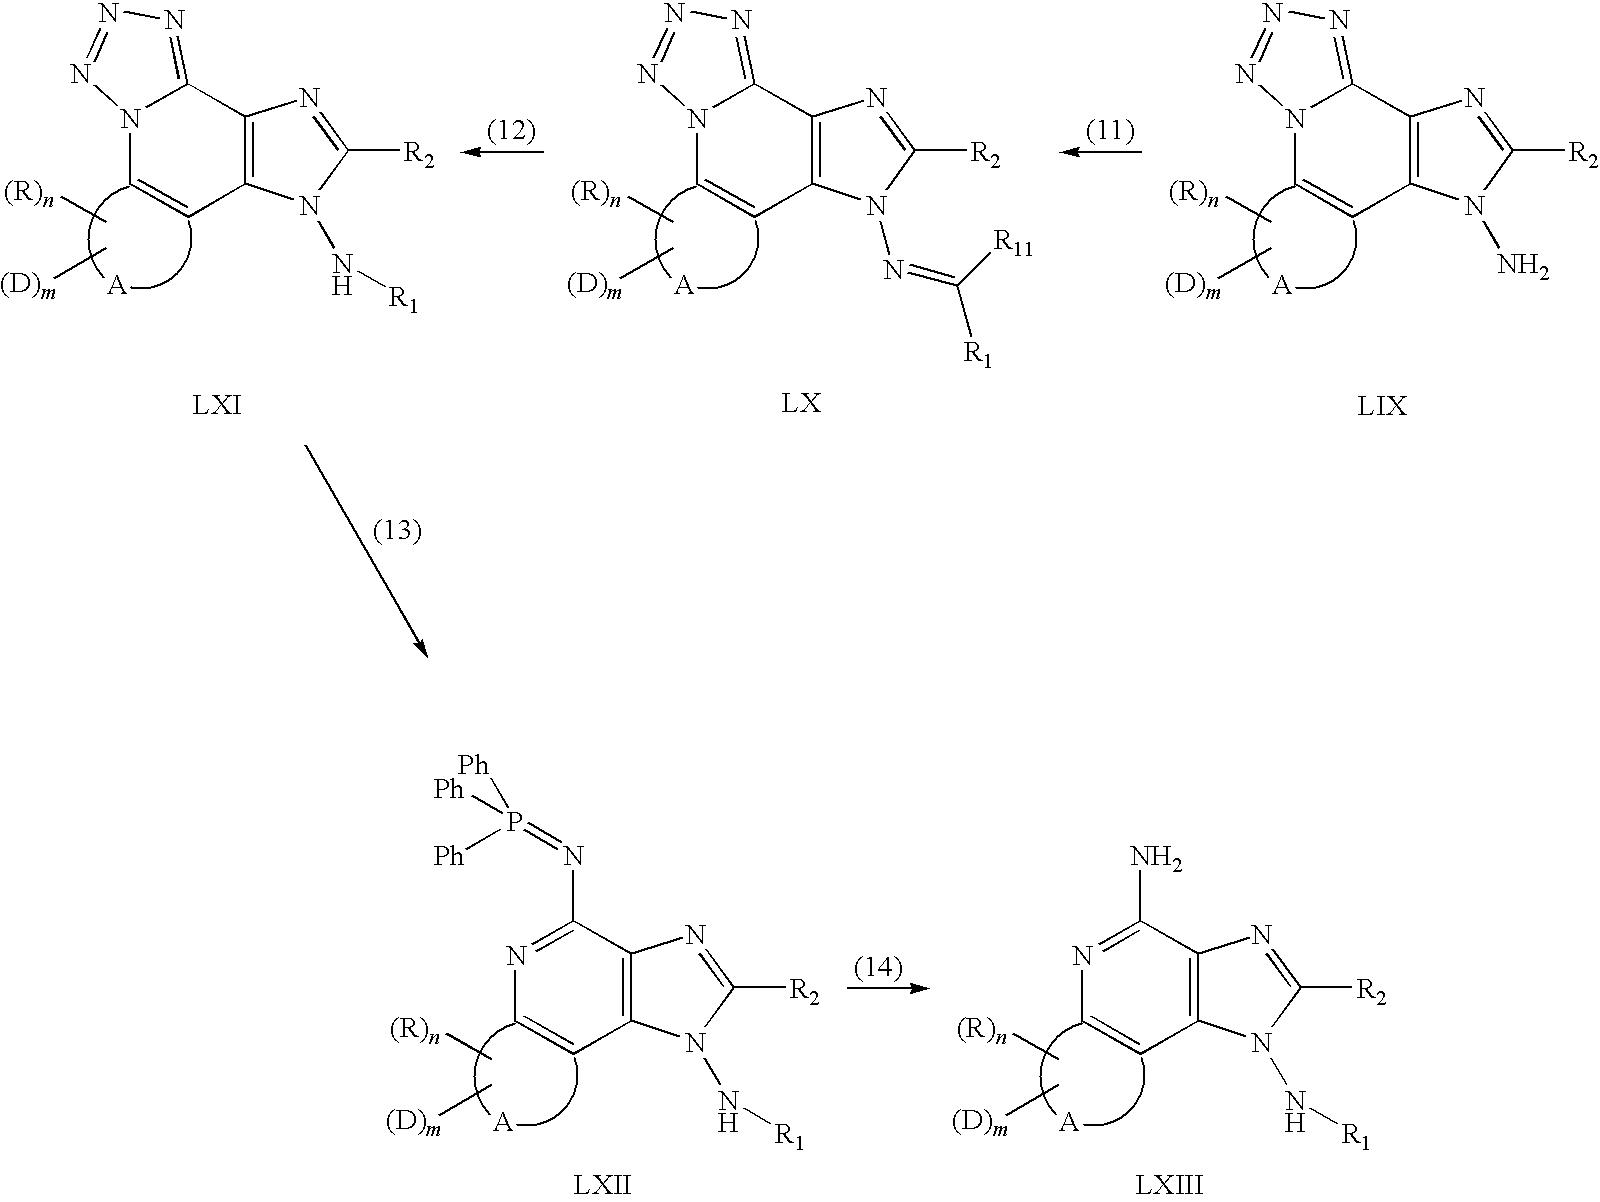 Figure US20090270443A1-20091029-C00070